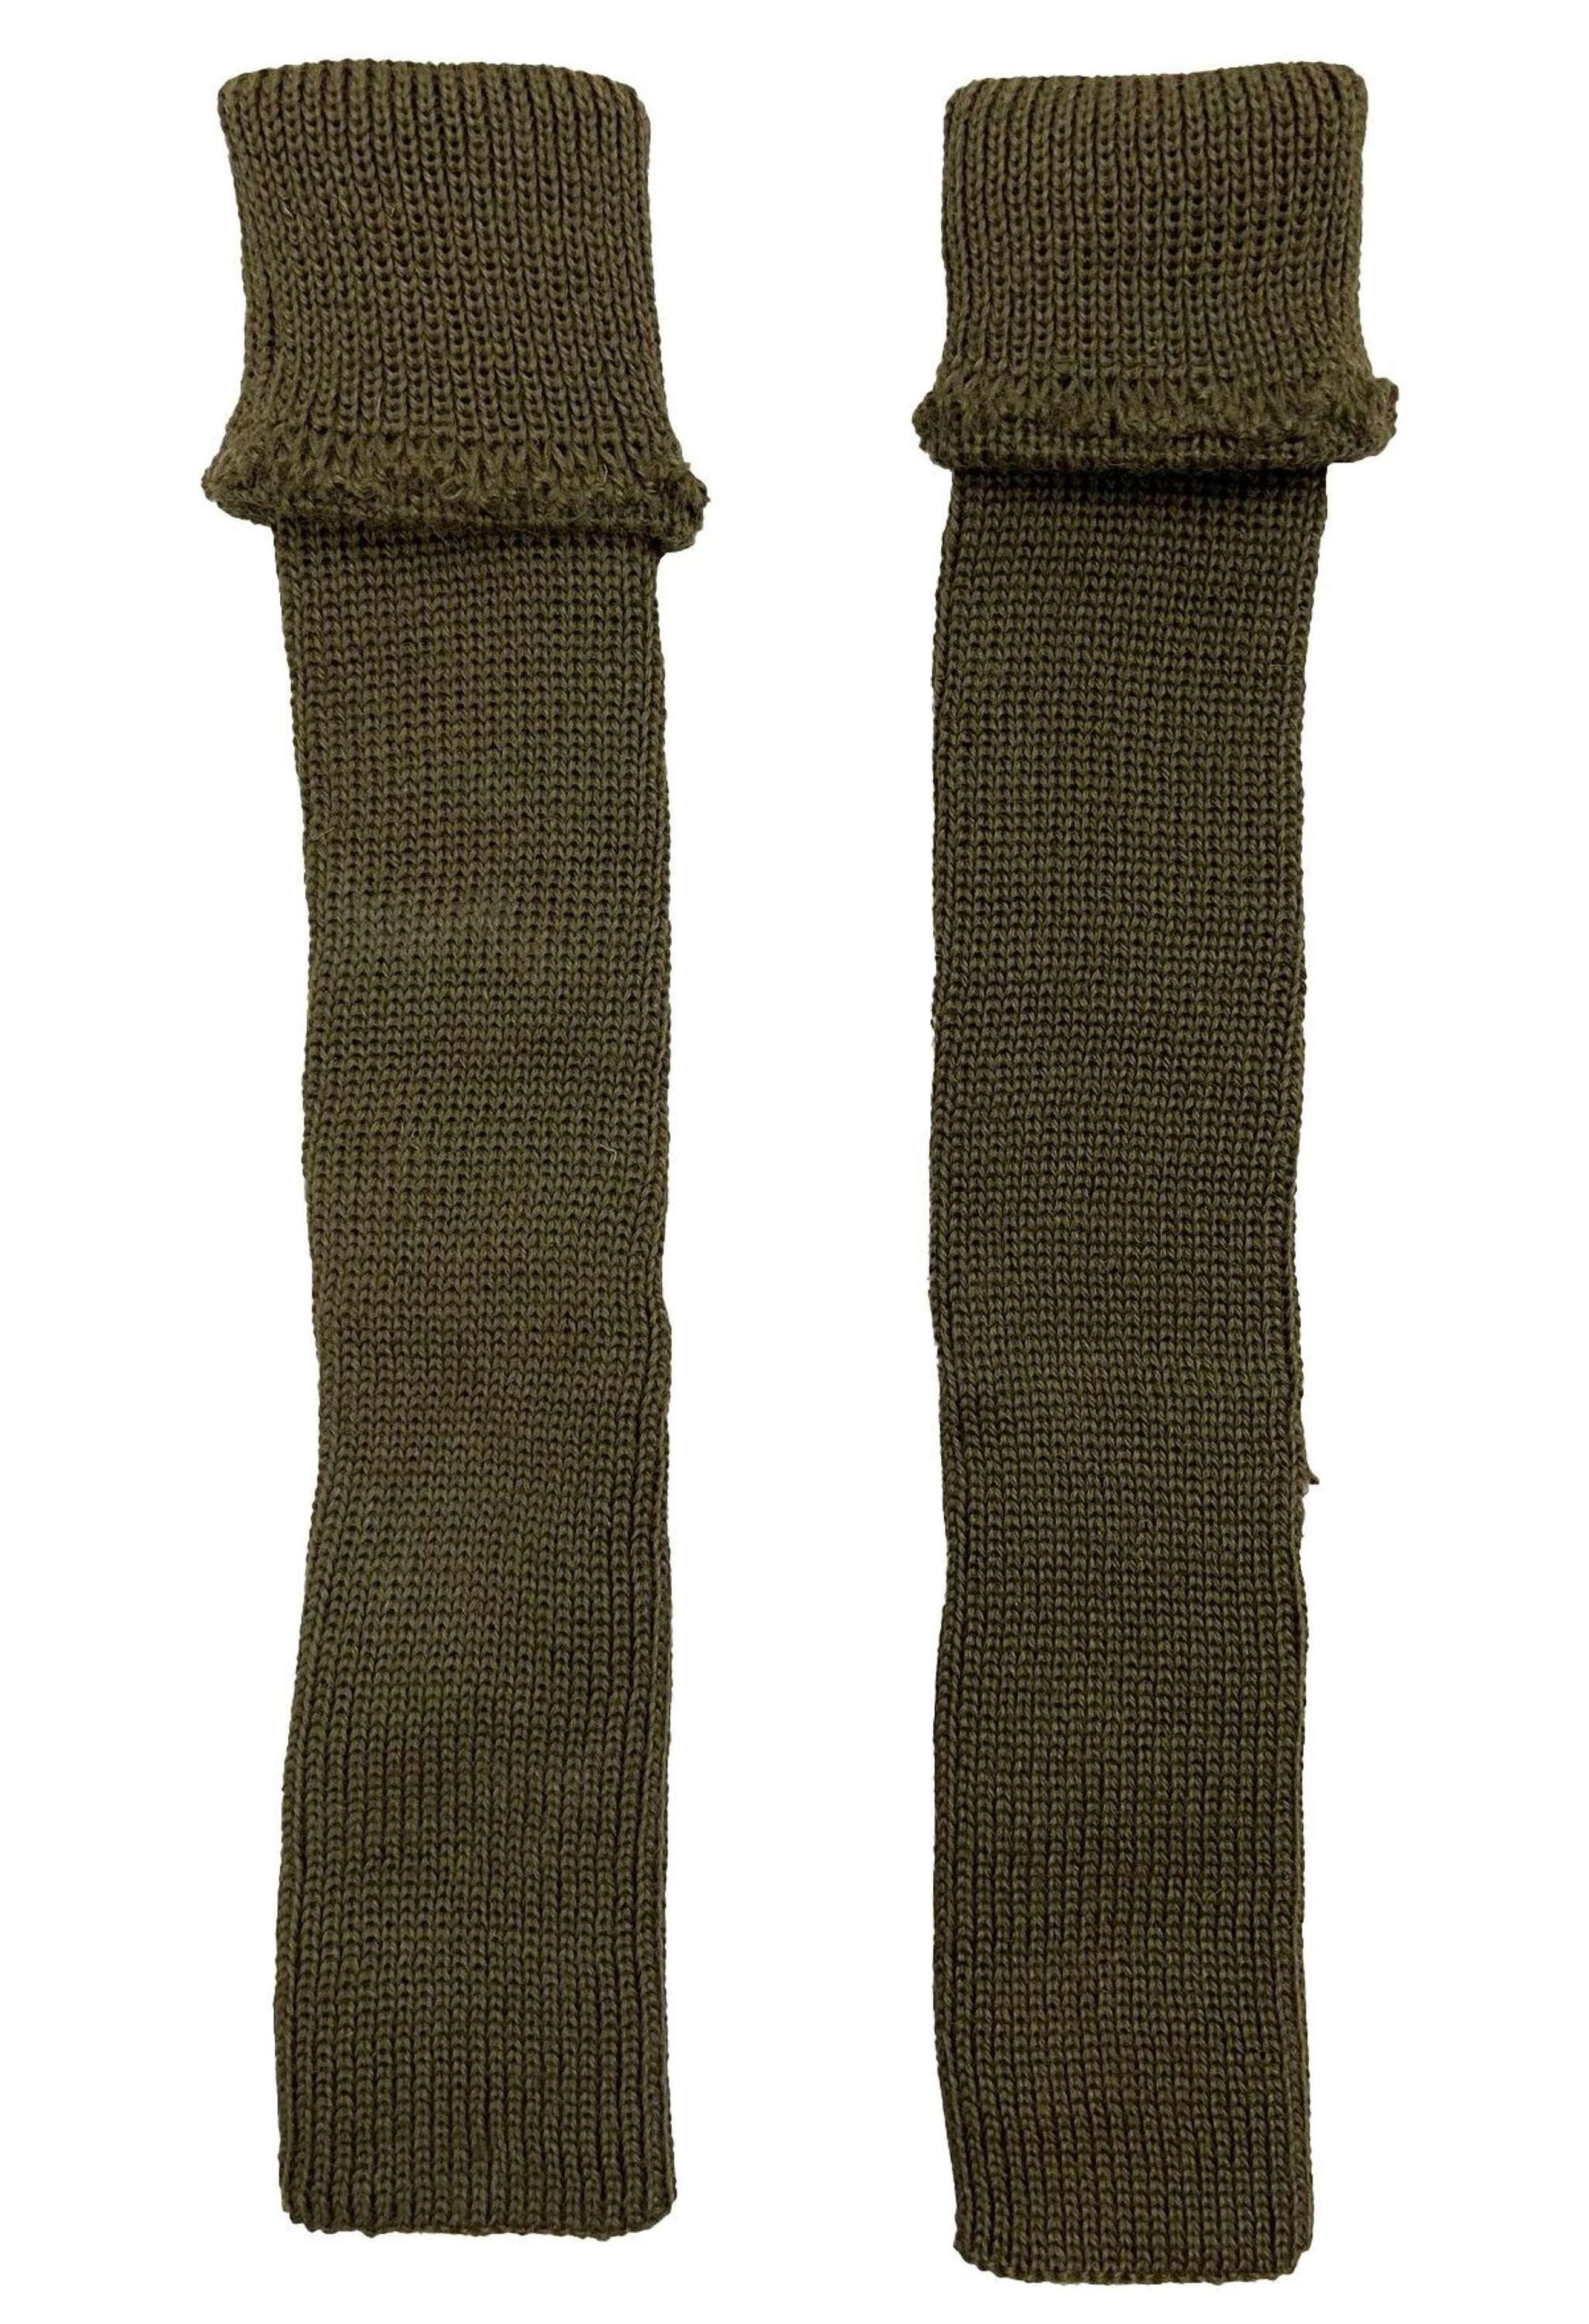 Original WW2 British Army Woollen Hosetops